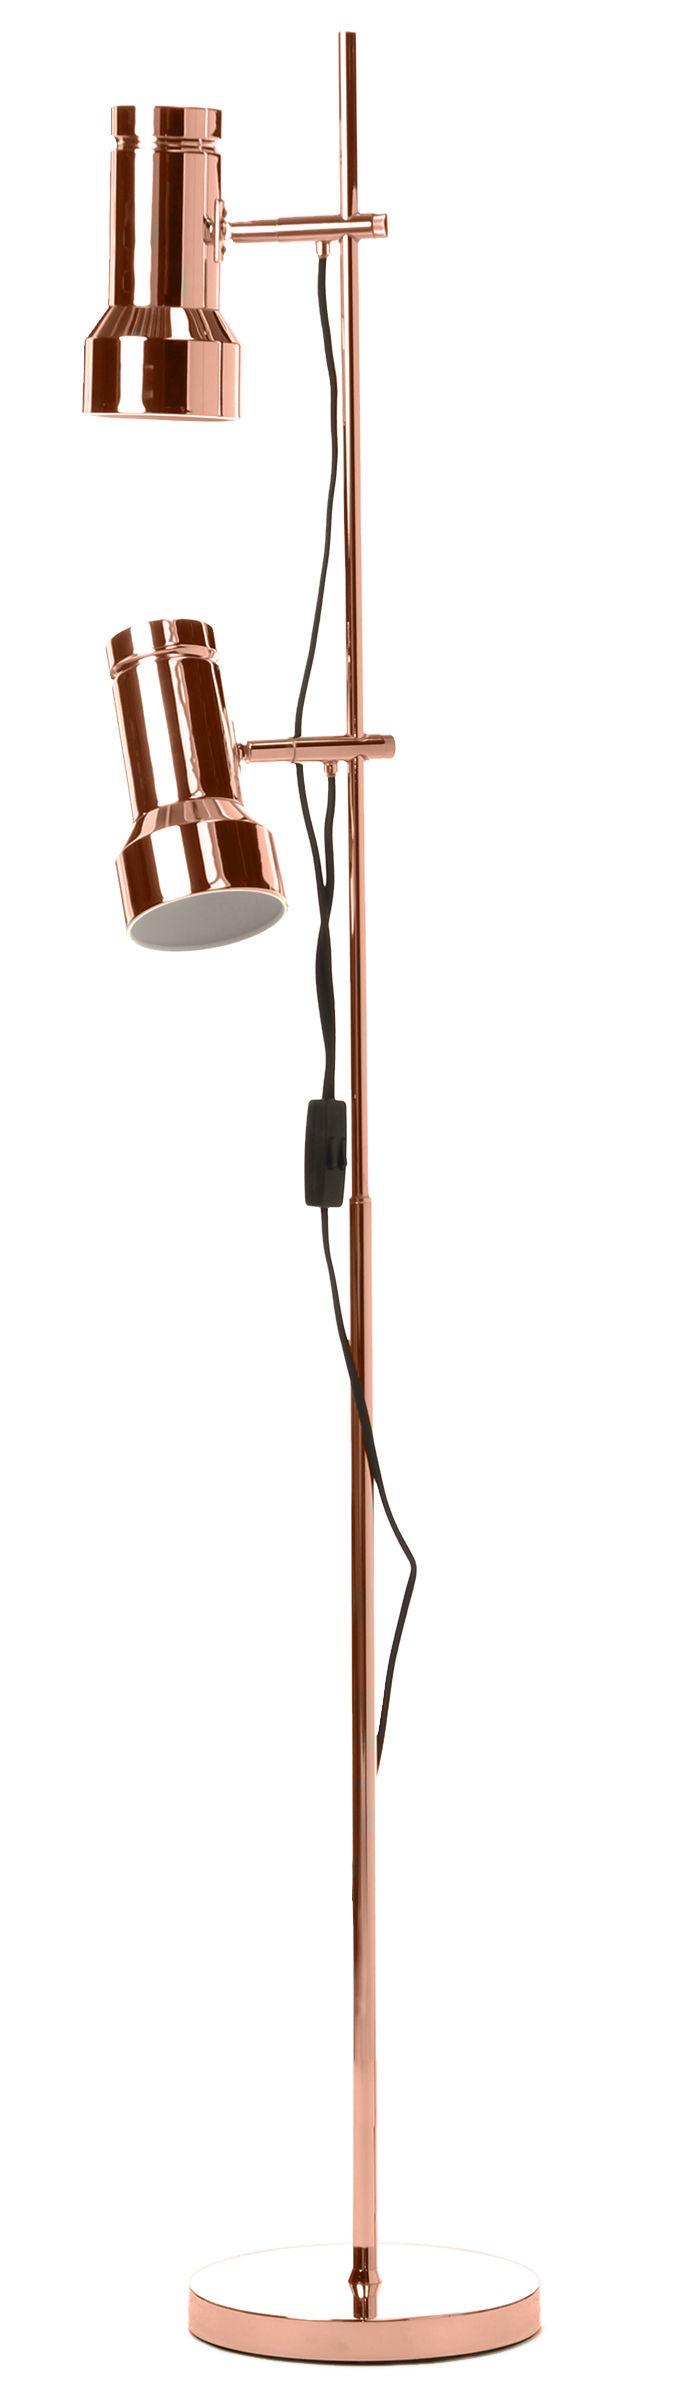 Leuchten - Stehleuchten - Klassik Stehleuchte / Leselampe - Neuauflage des Originals aus dem Jahr 1969 - Frandsen - Kupfer - Métal finition cuivre